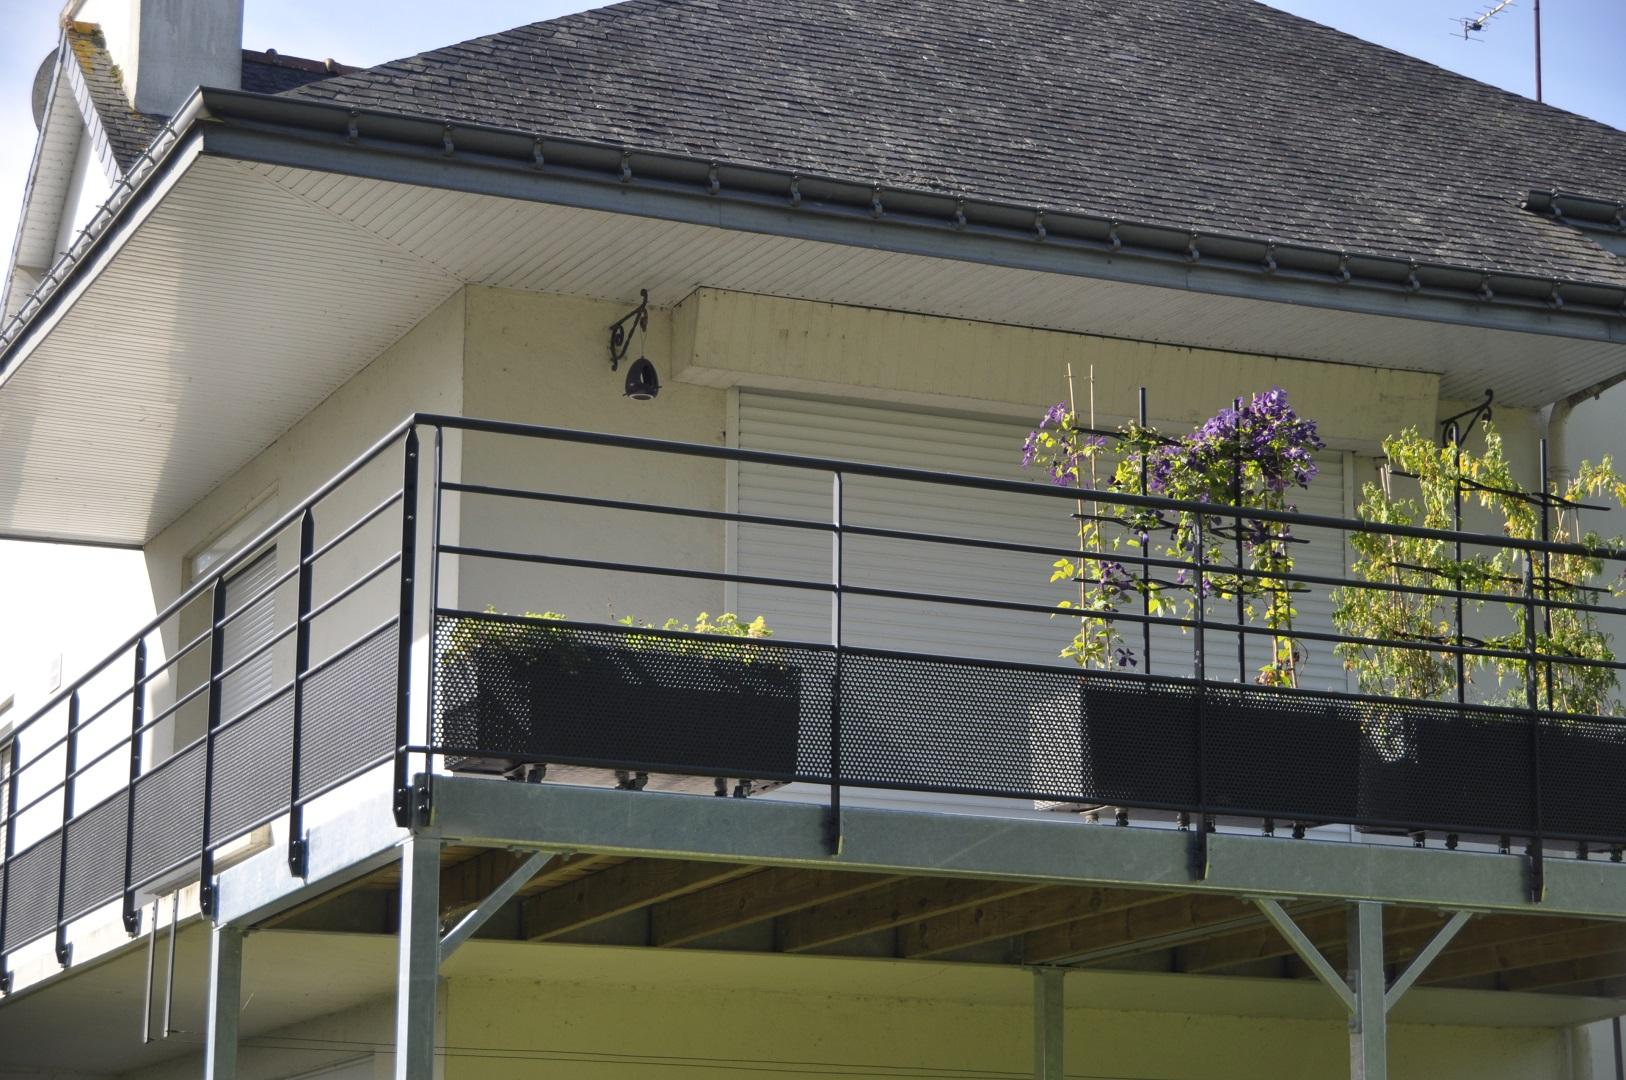 Terrasse Surélevée En Acier construction terrasse suspendue métallique - steelmetal